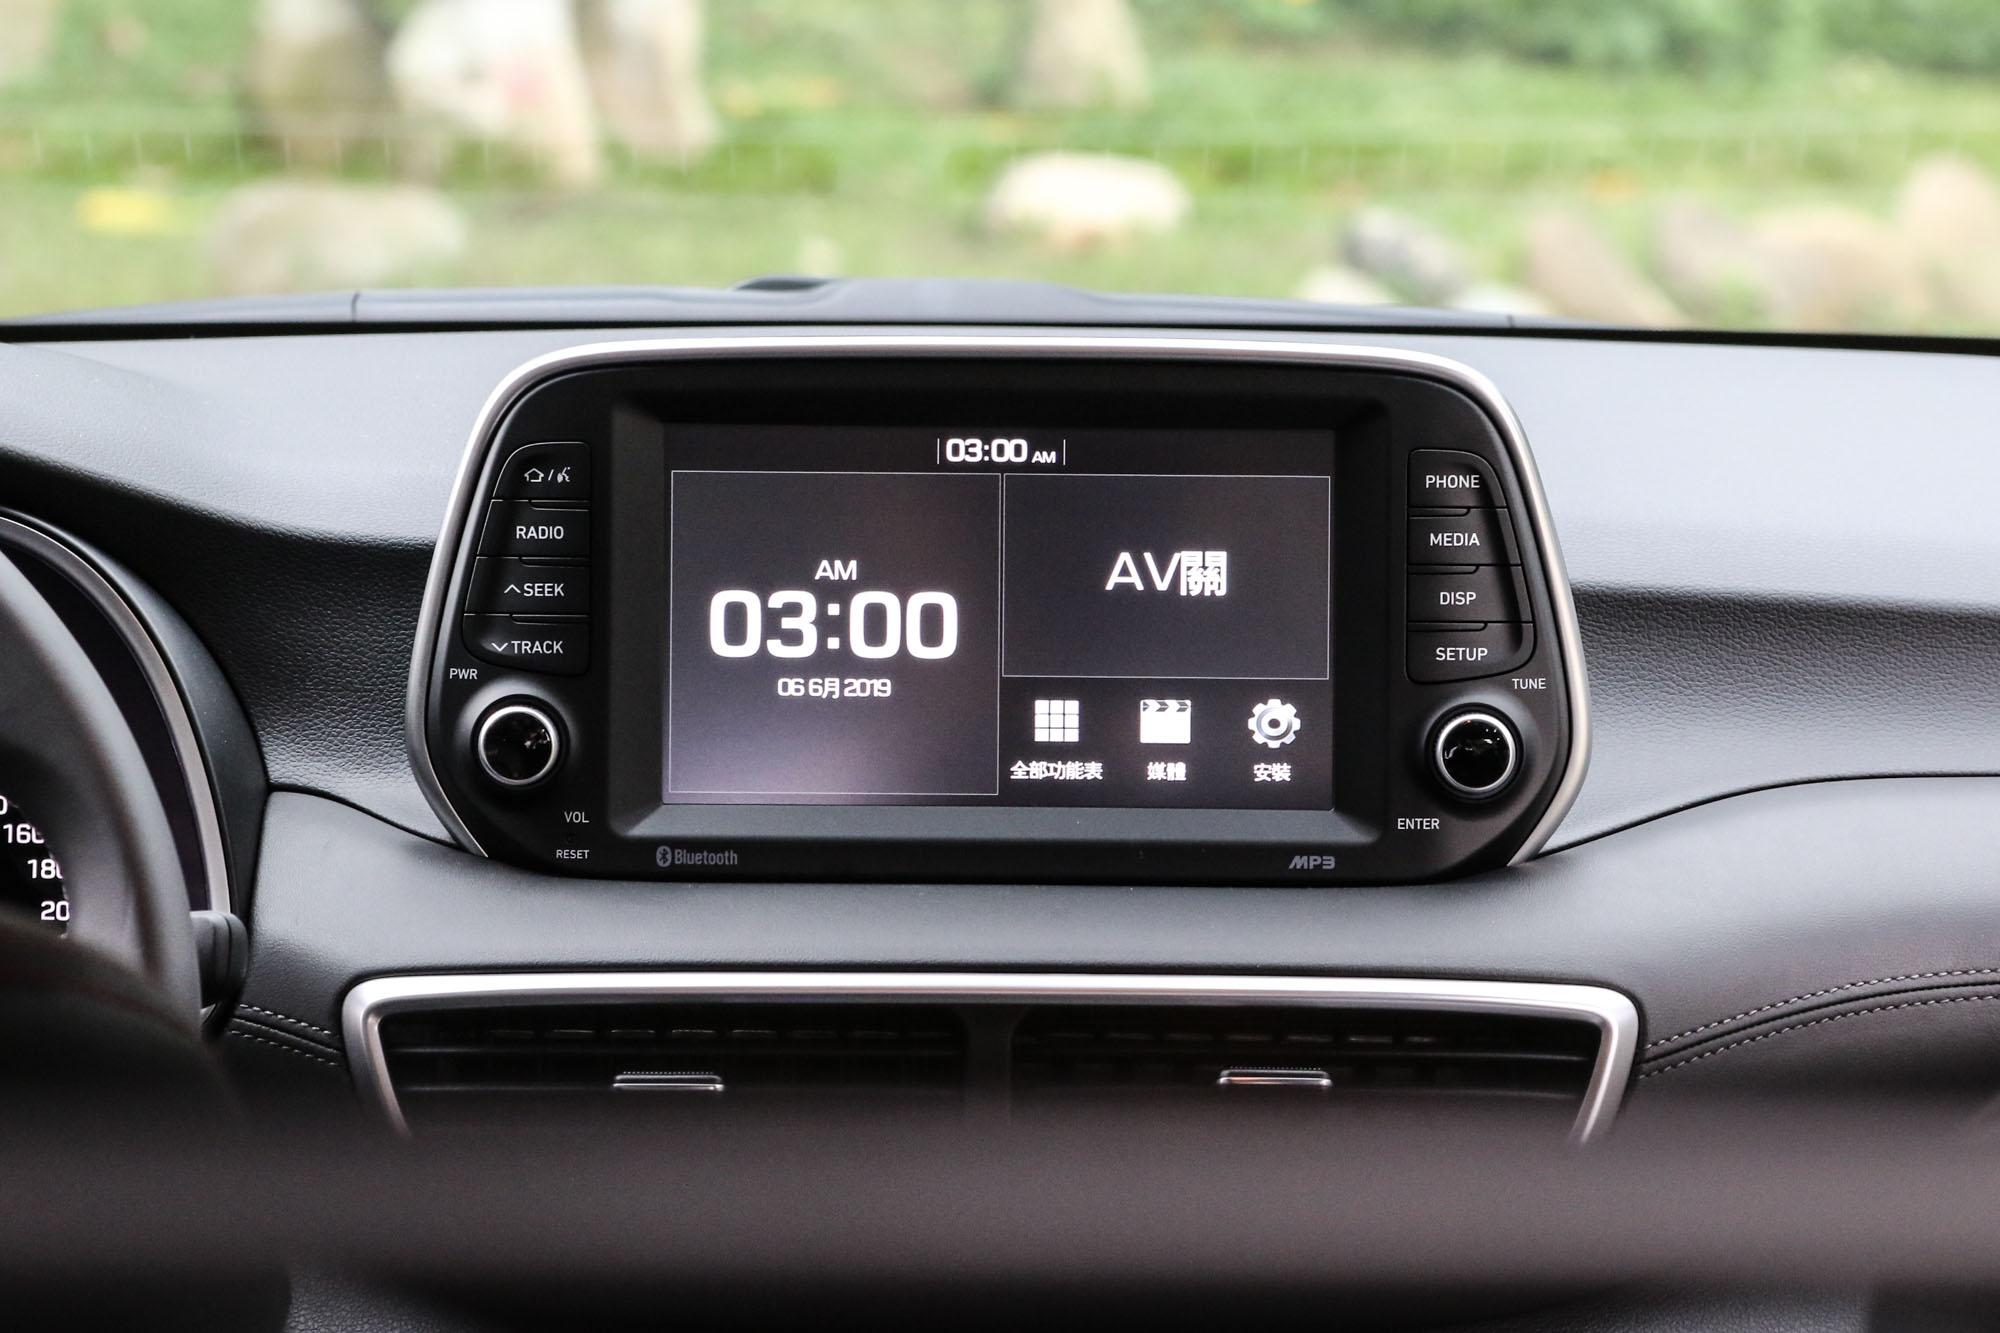 影音配備的升級是此次改款重點,尊爵車型以上都配備 8 吋全彩觸控螢幕。